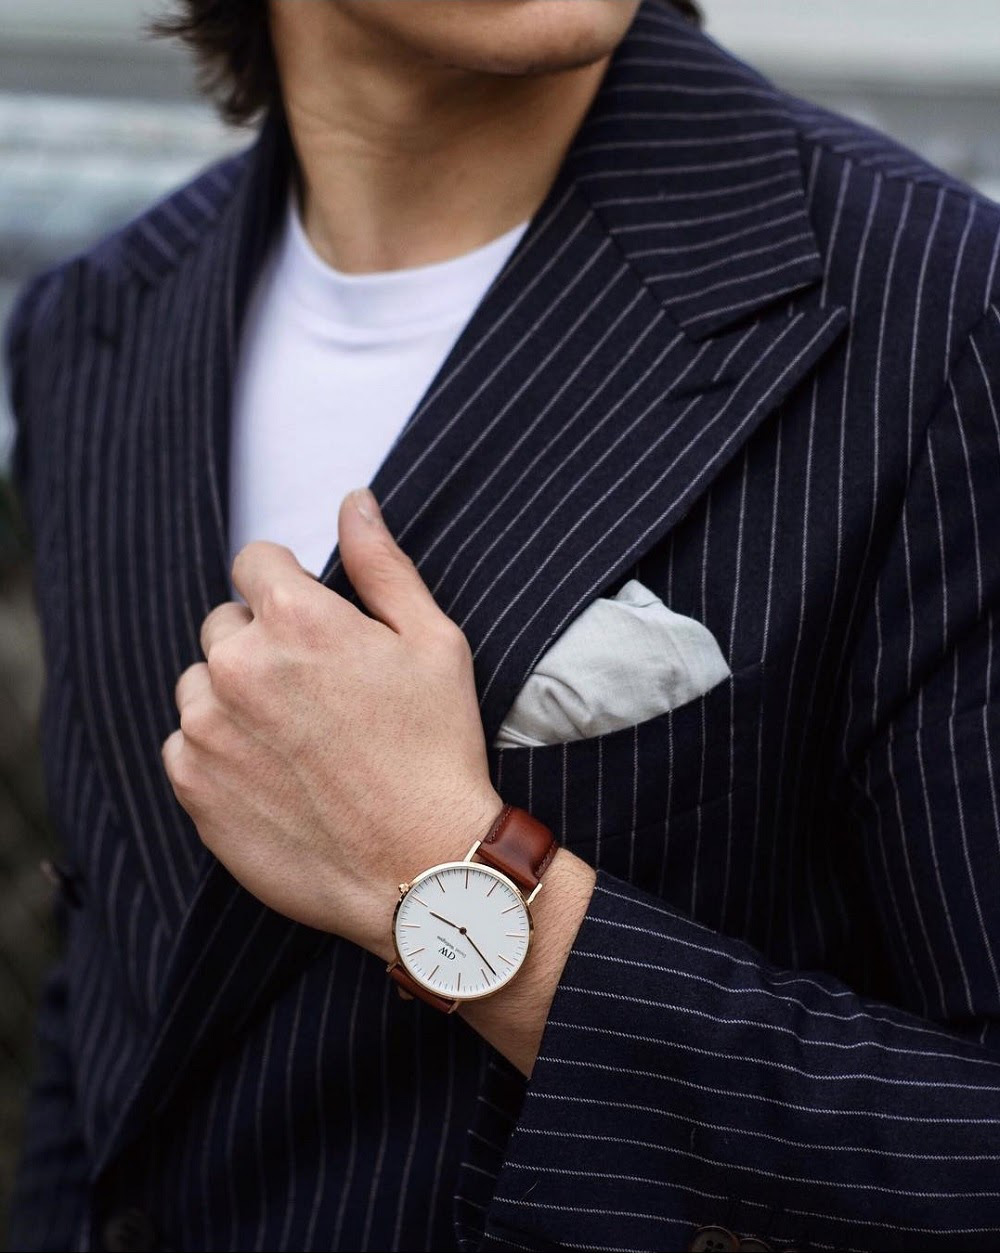 10 mẫu đồng hồ DW giá rẻ, chính hãng đang hot xình xịch - Ảnh 9.